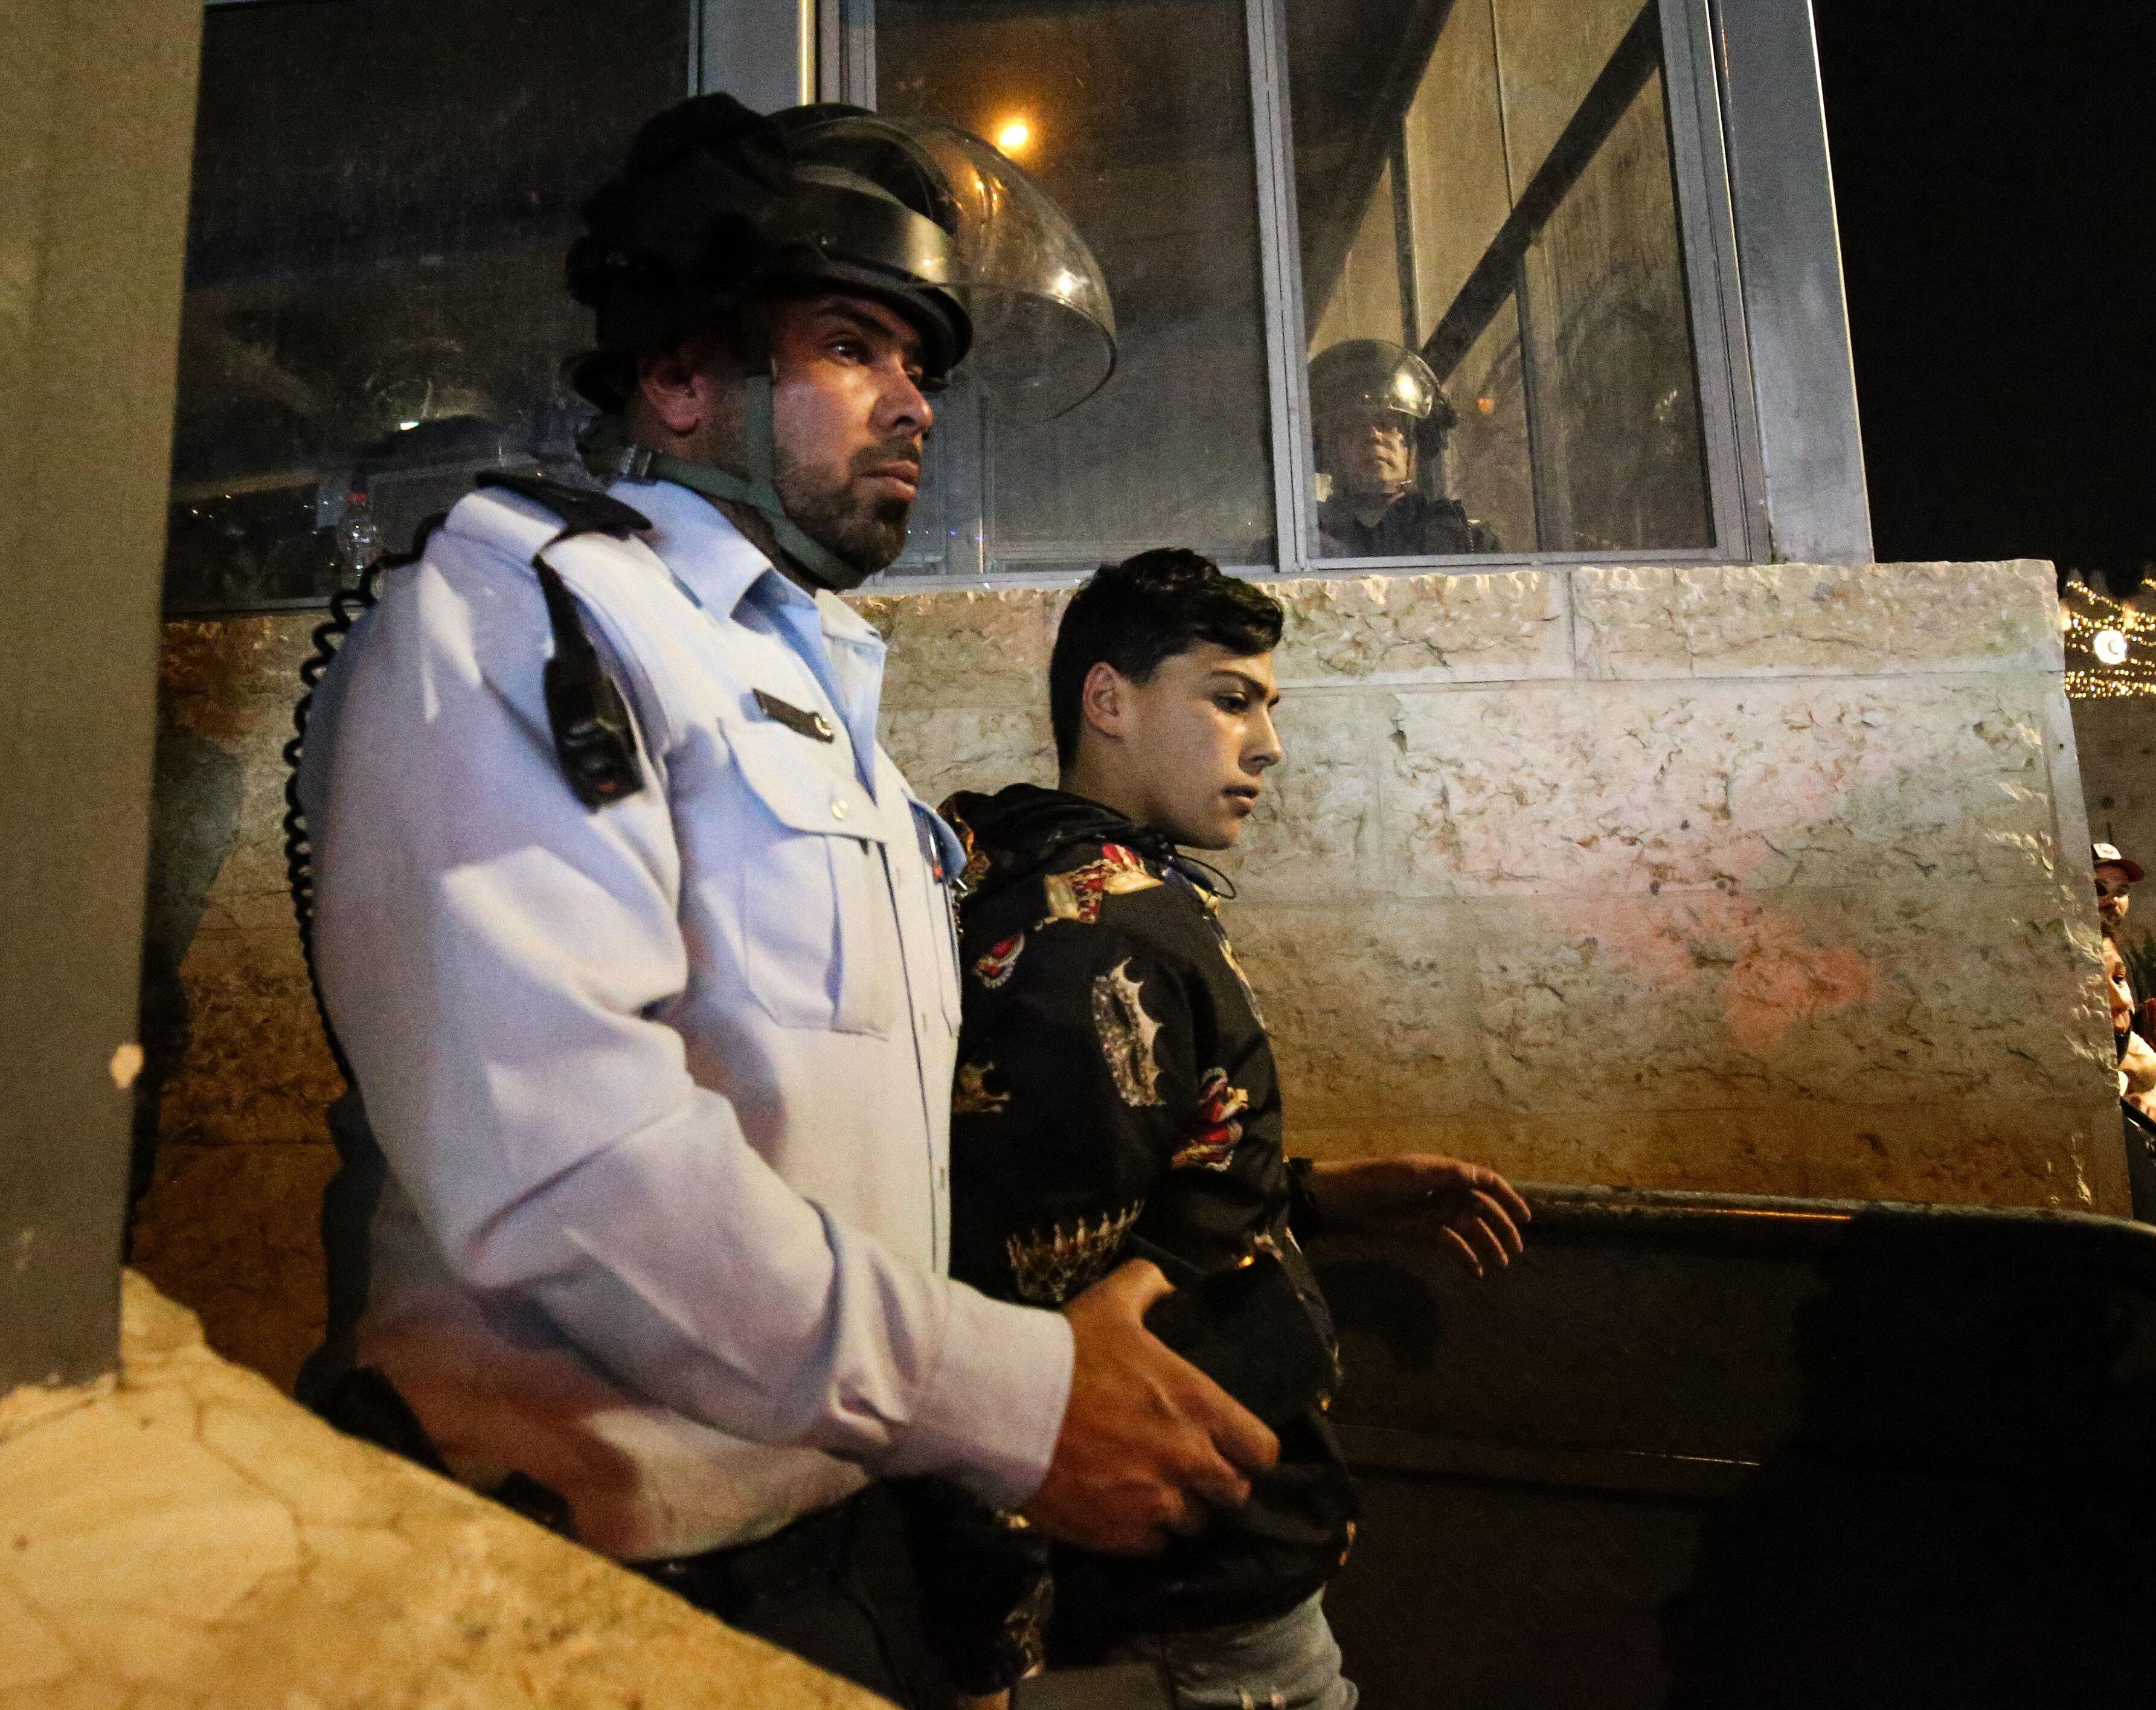 İsrail'in yaşına aldırış etmeden gözaltına aldığı çocuklardan bir tanesi.